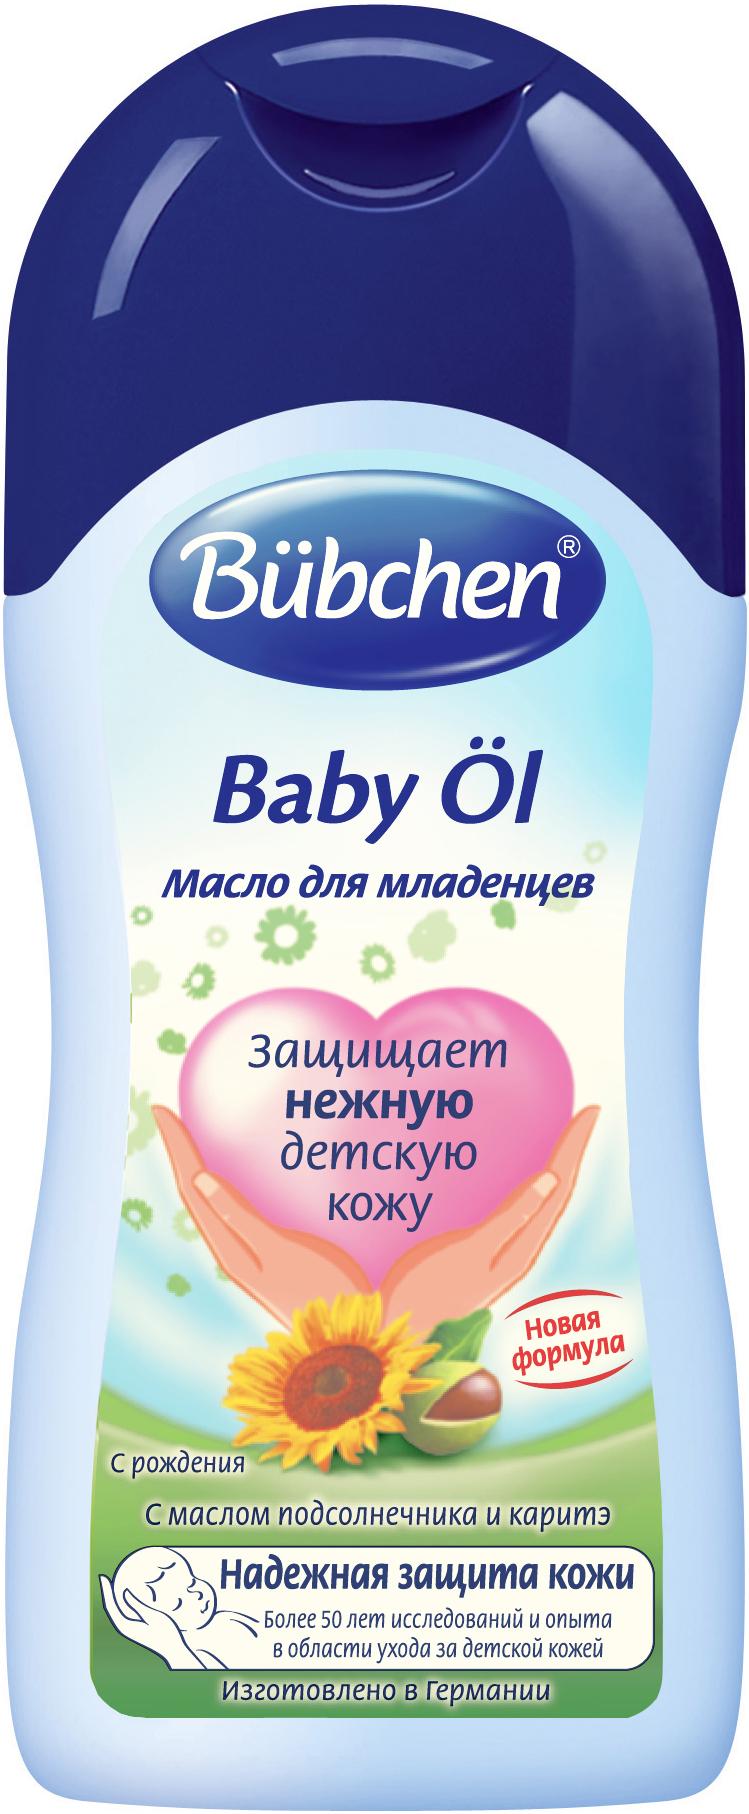 Масло и молочко Bubchen 200 мл гели и пенки bubchen с экстрактом ромашки 200 мл